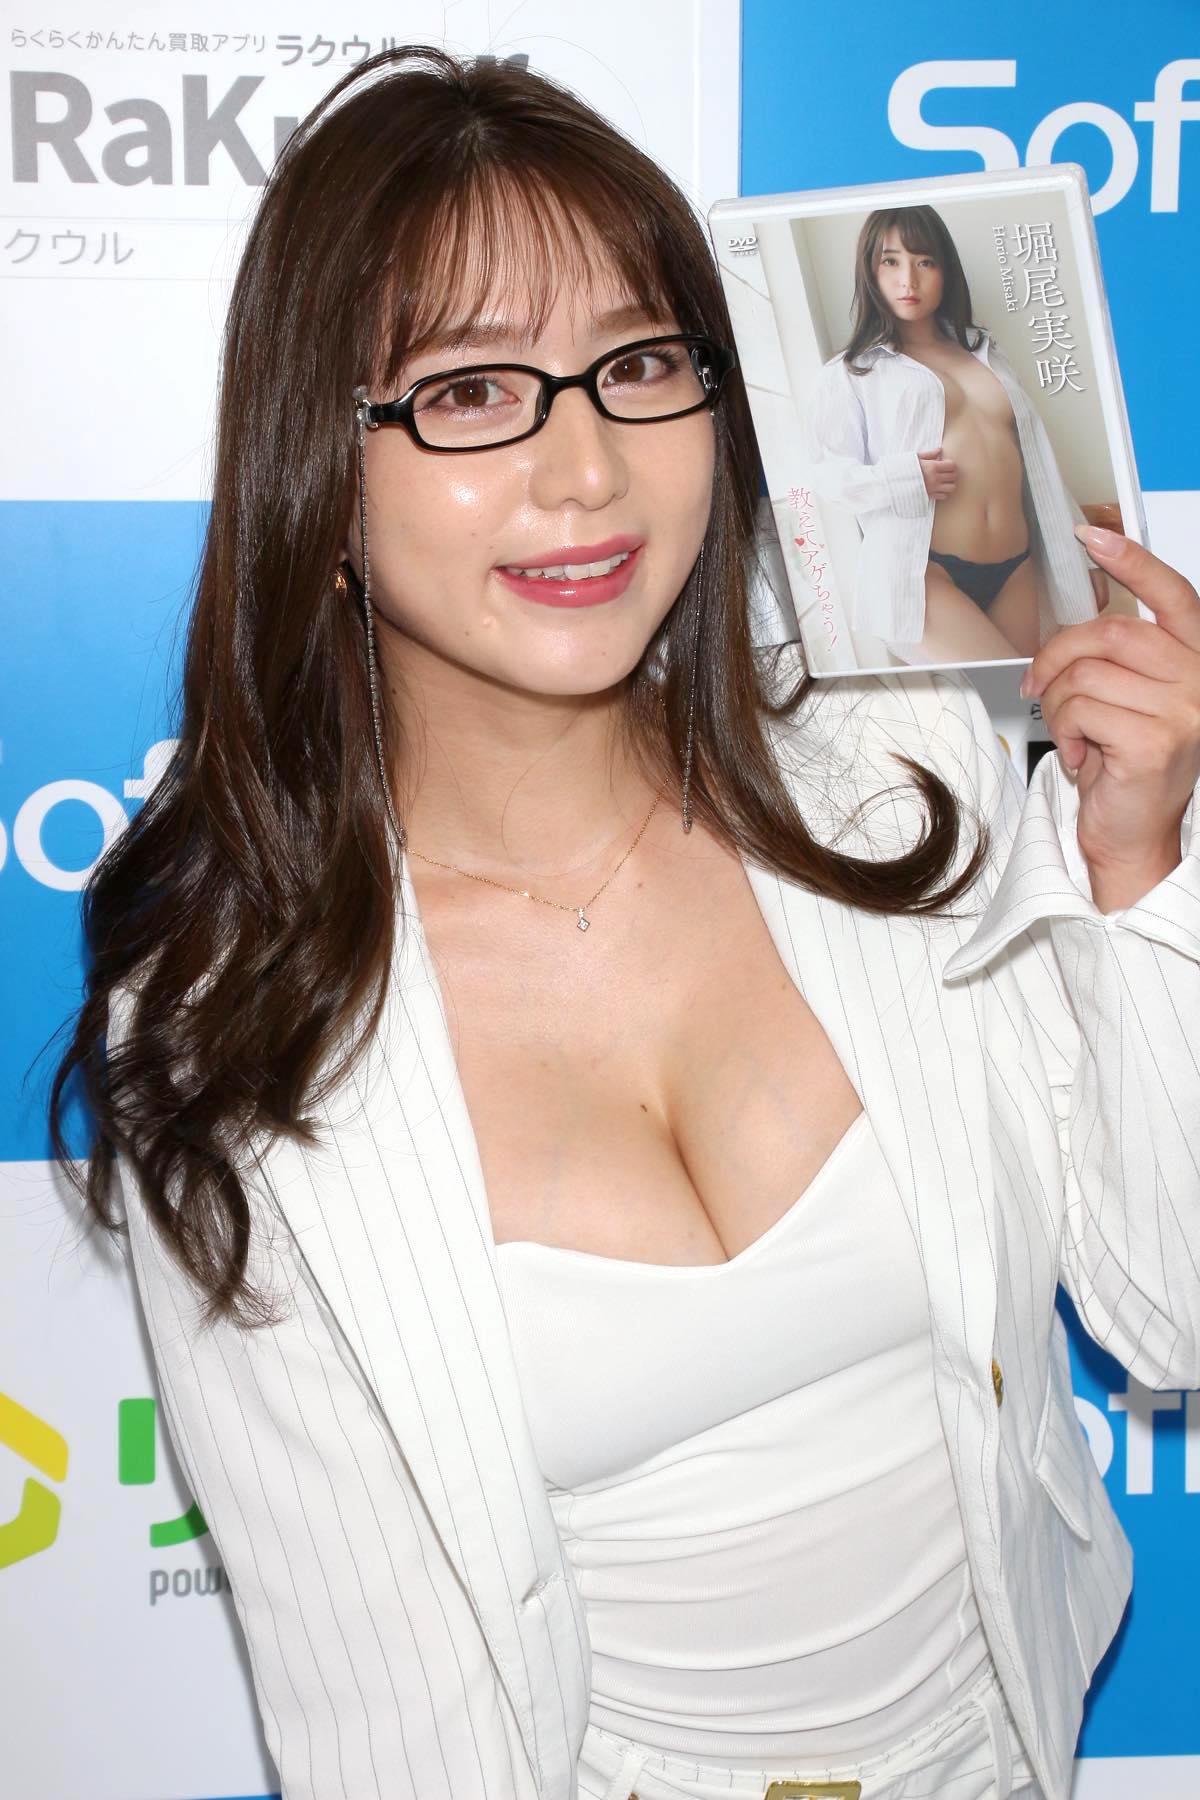 堀尾実咲「シャツの下は着てないの」危ない撮影に挑戦【写真42枚】の画像033